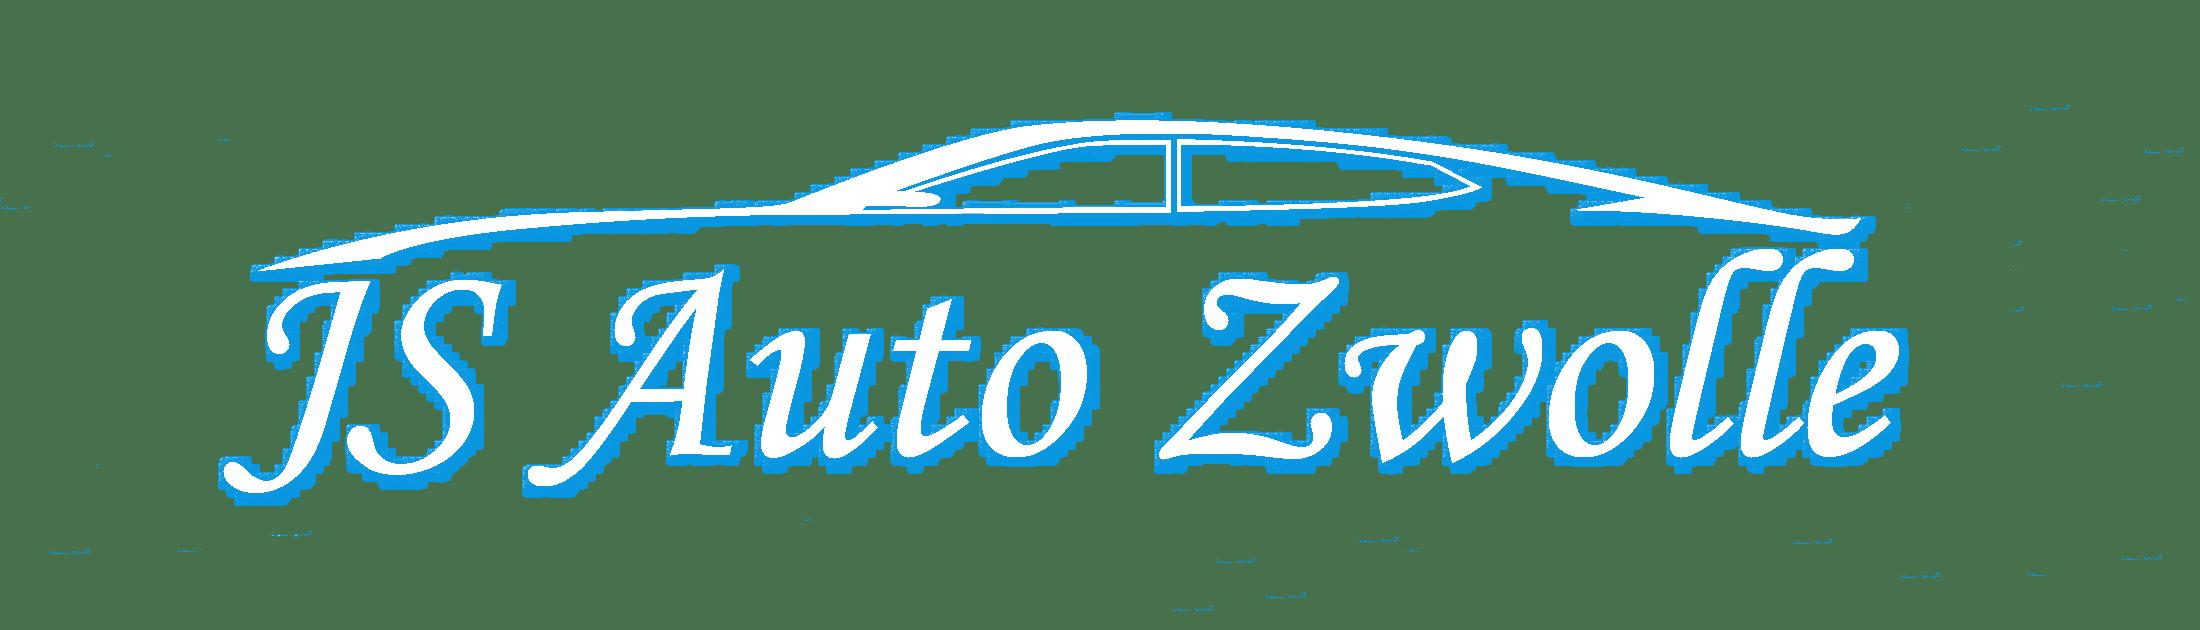 JS Auto Zwolle